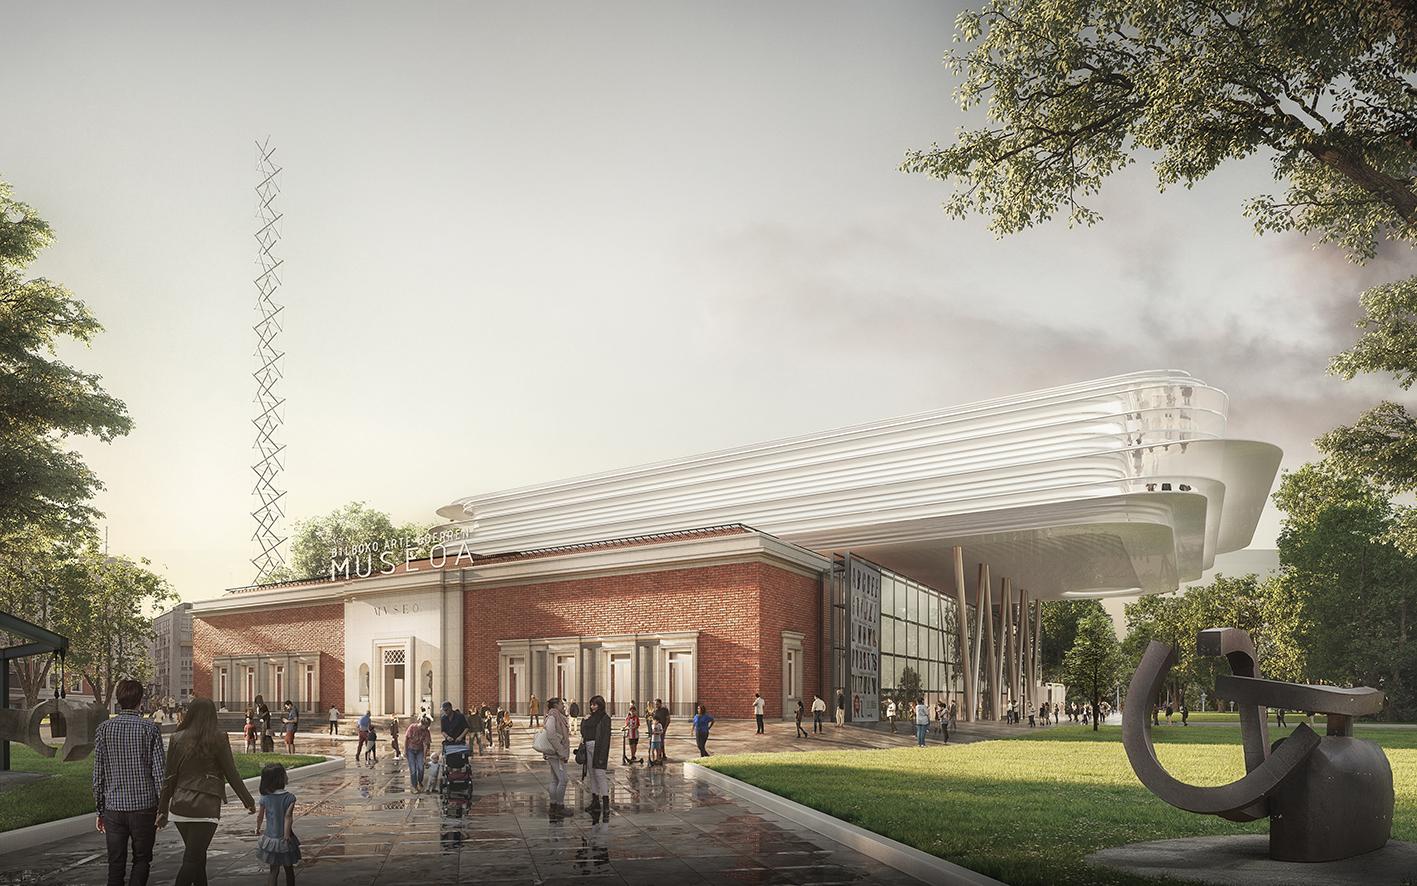 Foster y Uriarte ganan el concurso de ampliación del Museo de Bilbao